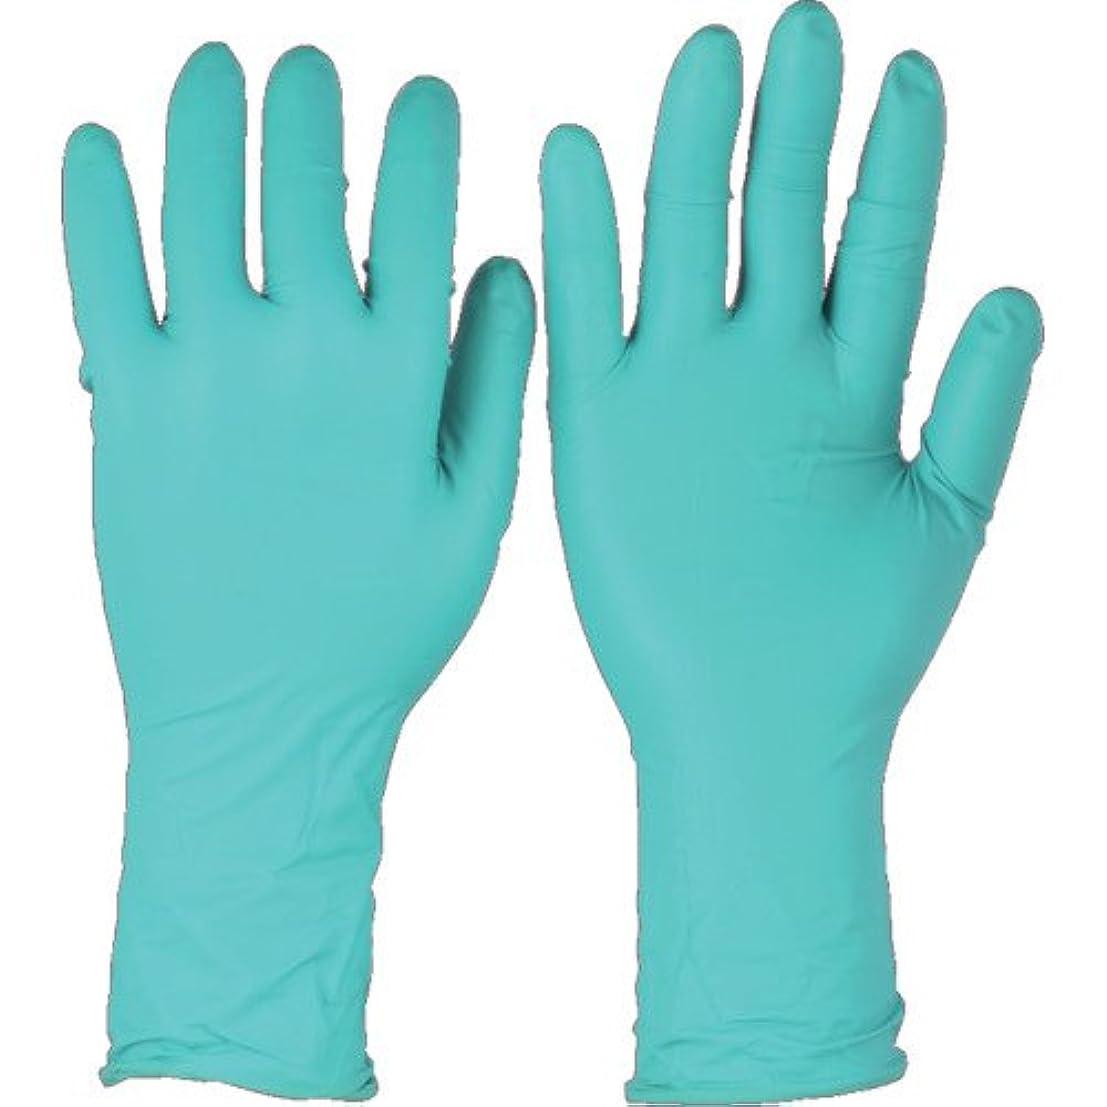 悲惨な豊富なリズムトラスコ中山 アンセル ネオプレンゴム使い捨て手袋 マイクロフレックス 93-260 XLサイズ (50枚入)  9326010